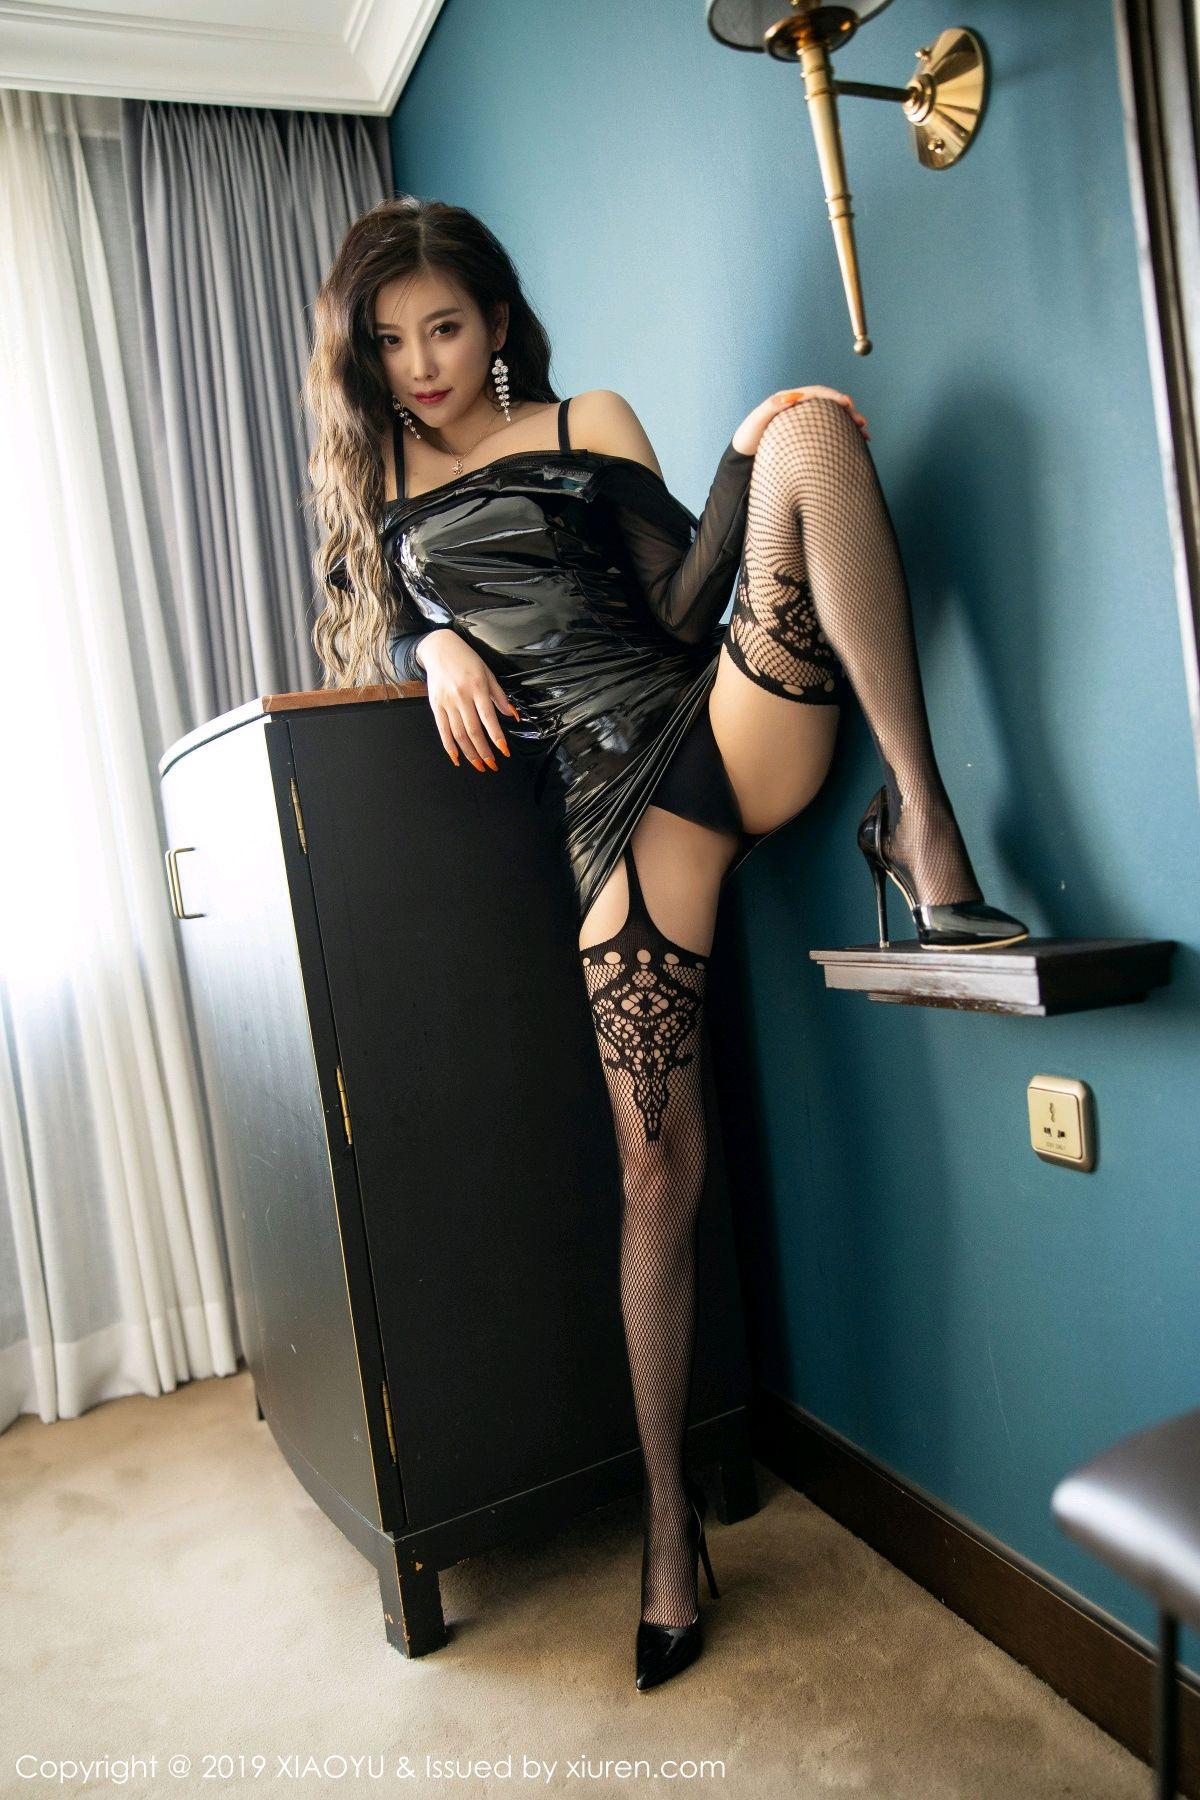 [XiaoYu] Vol.199 Yang Chen Chen 47P, Black Silk, Underwear, XiaoYu, Yang Chen Chen